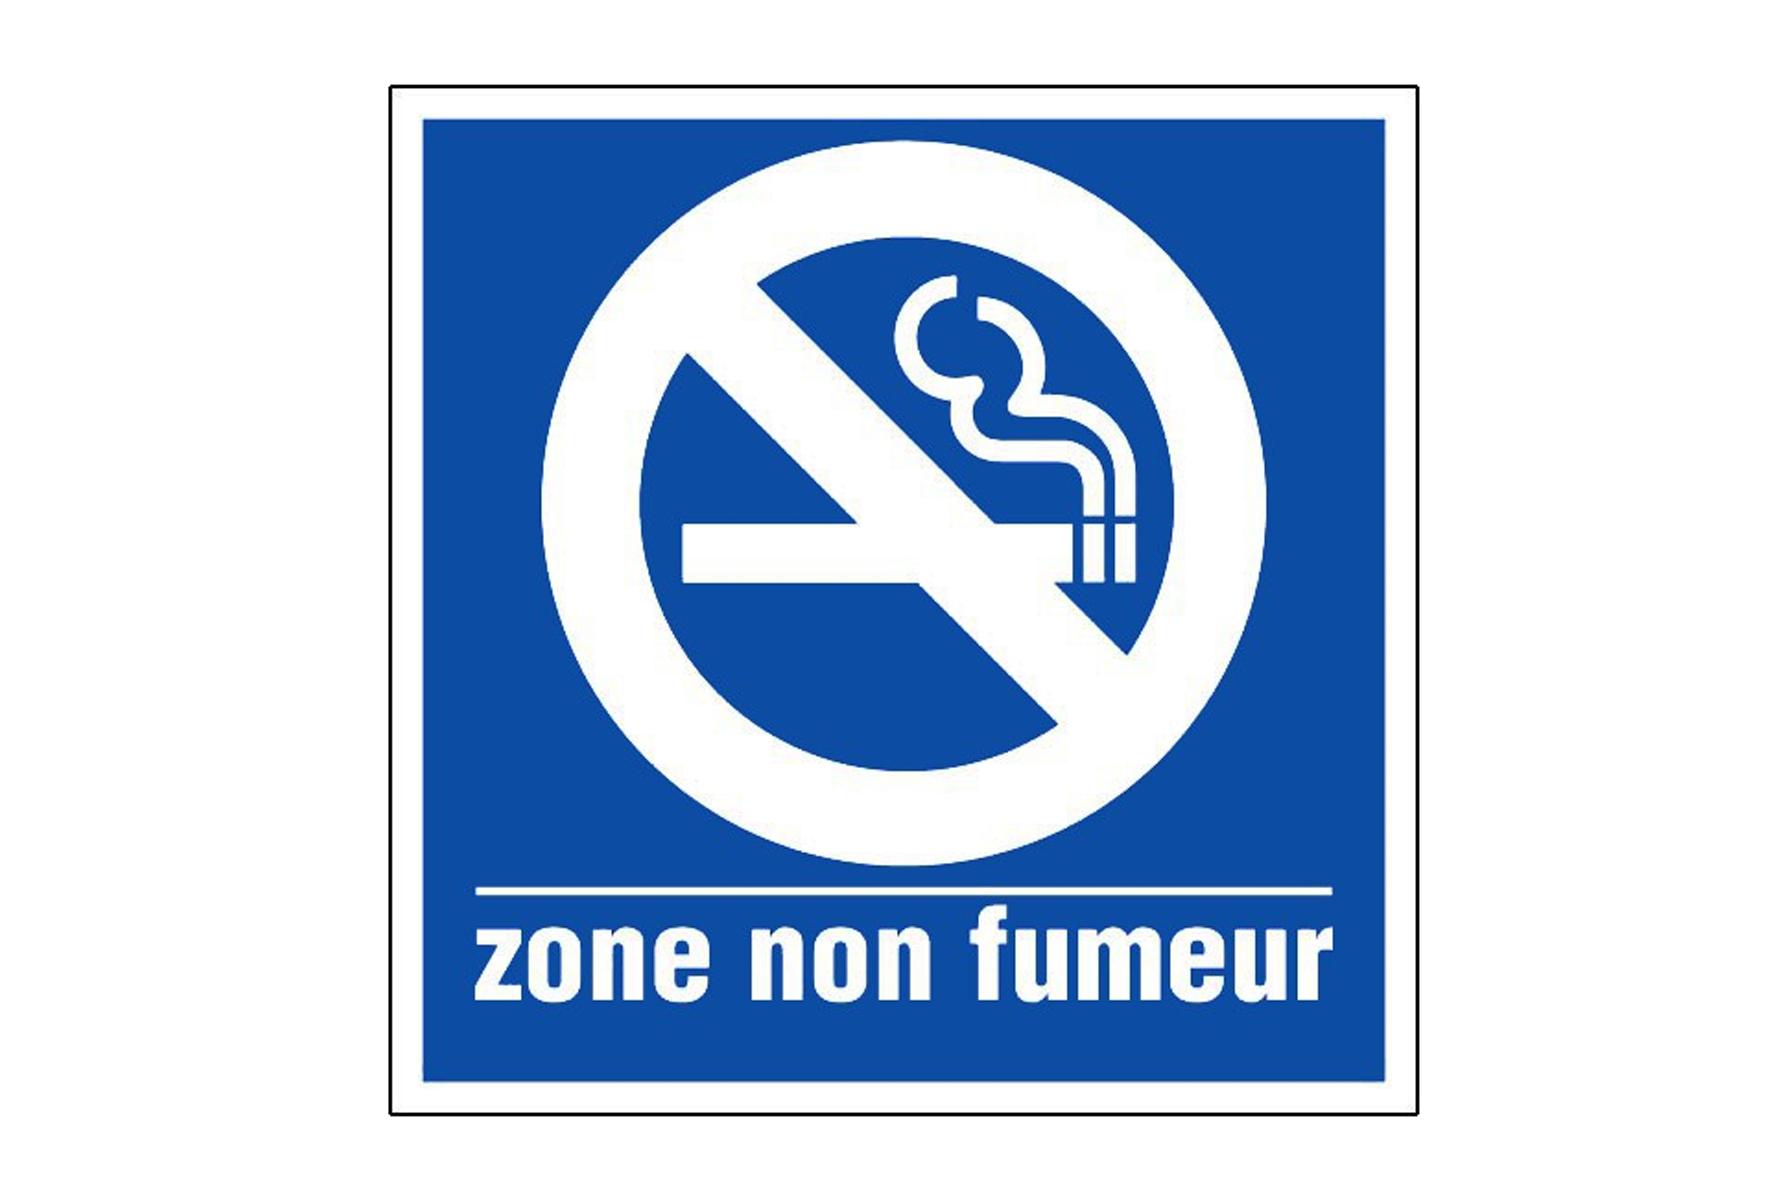 Panneau pvc carre zone non fumeur achat en ligne ou dans for Panneau inox autocollant